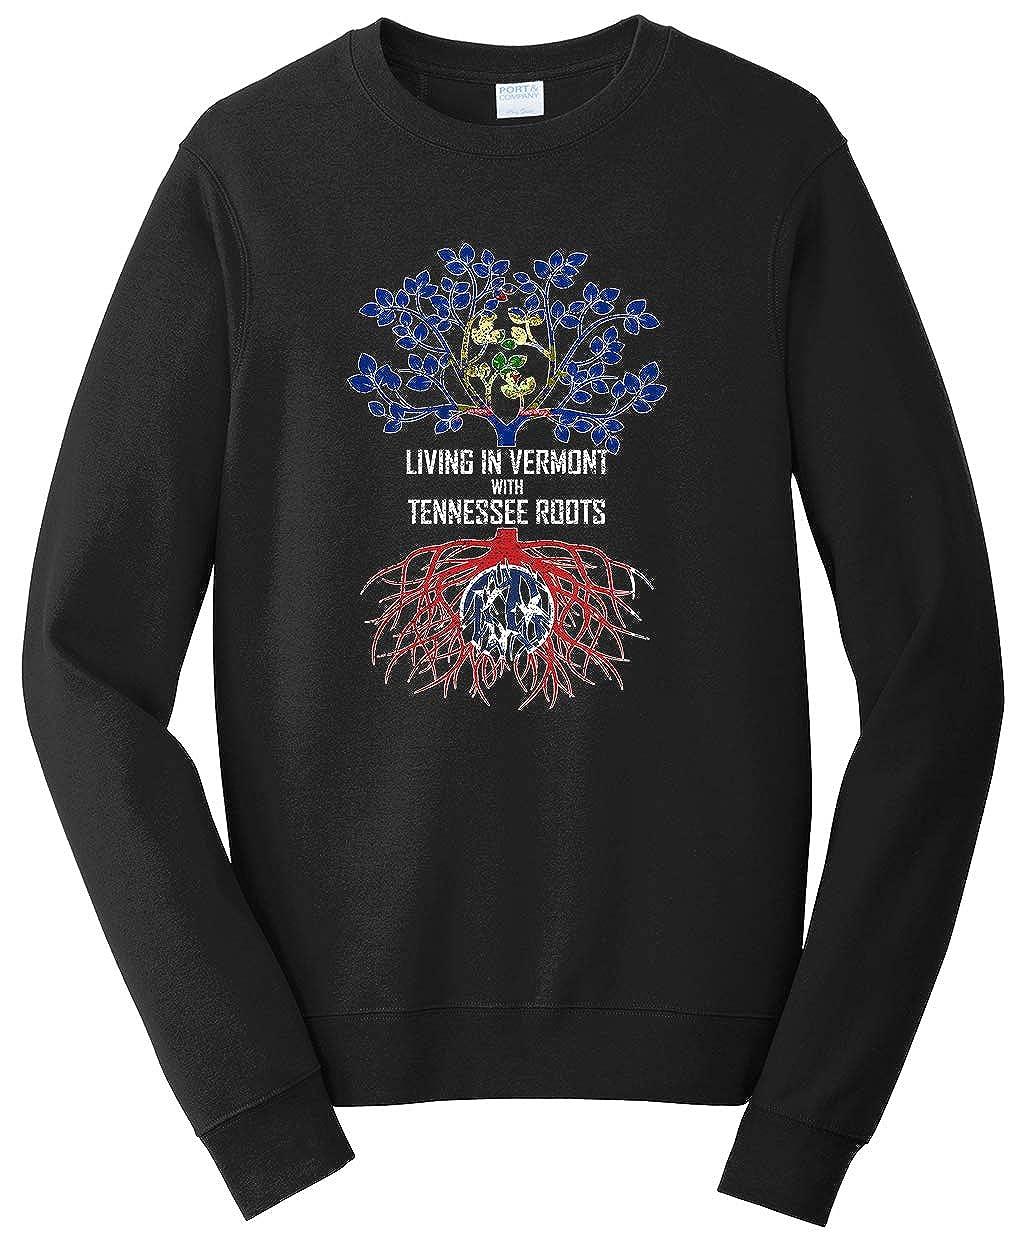 Tenacitee Unisex Living in Vermont Tennessee Roots Sweatshirt